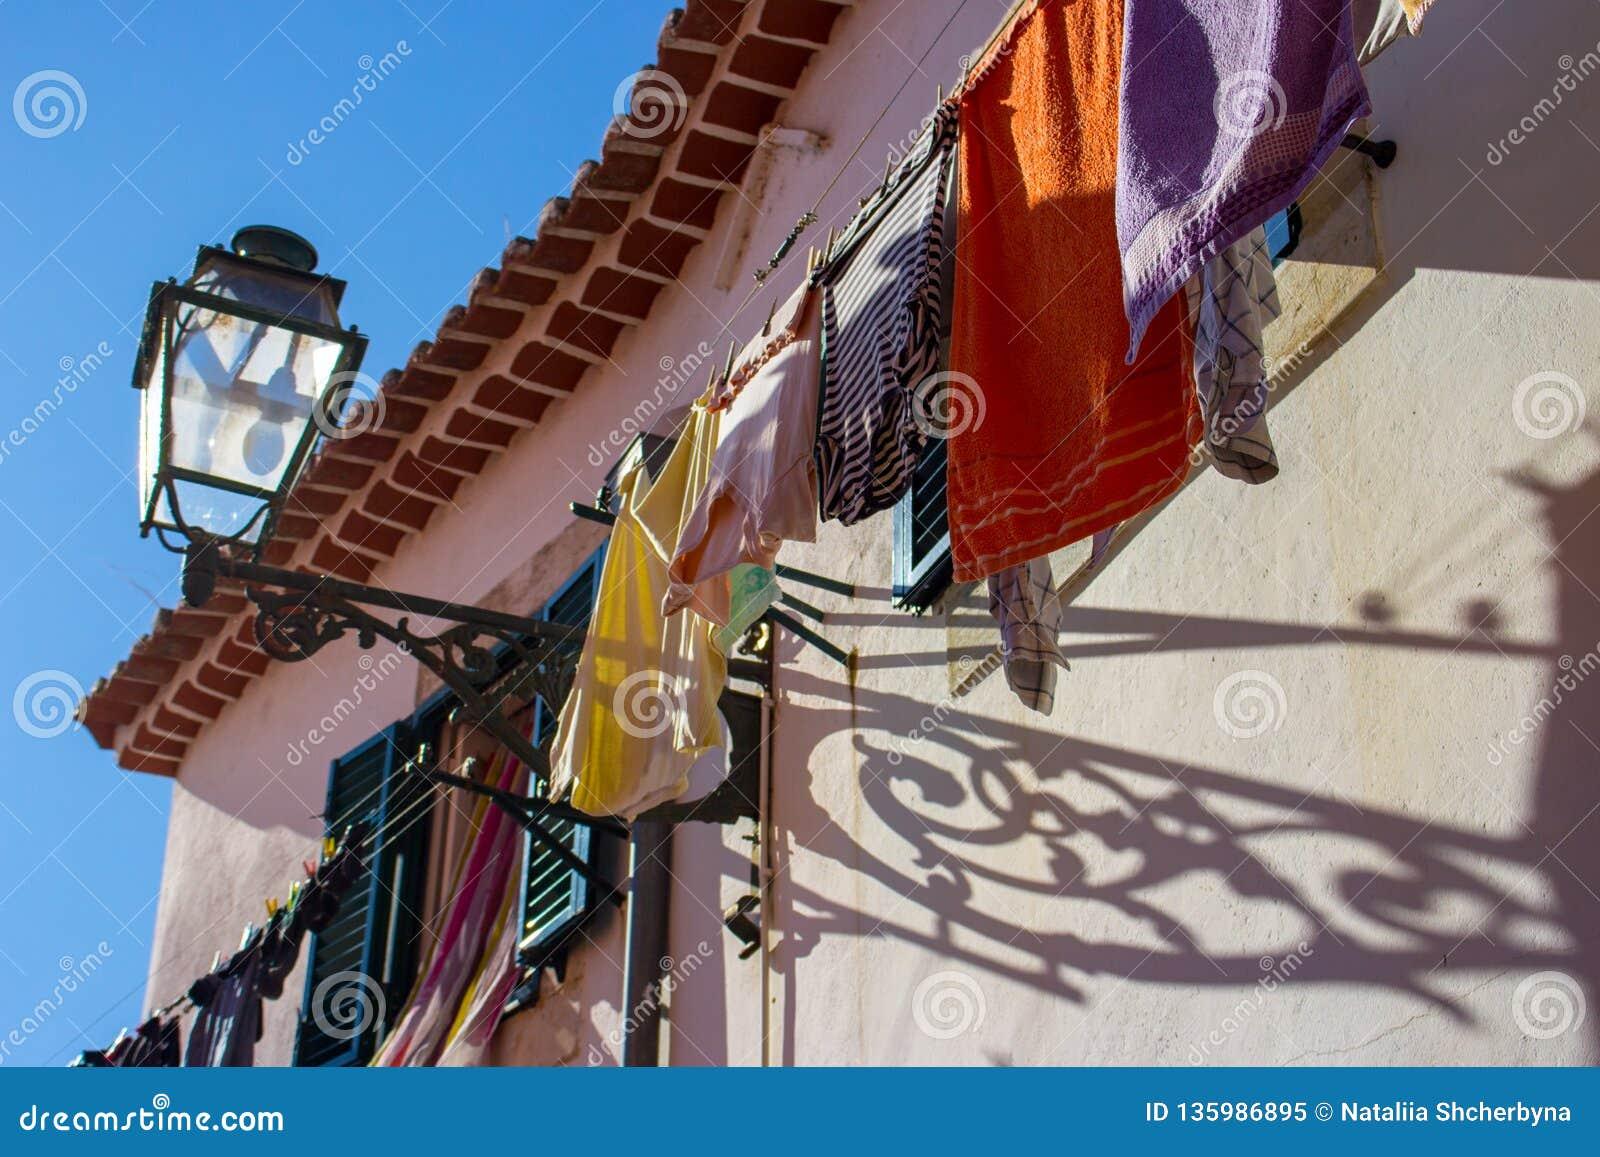 Сушить одежды вне дома с фонариком улицы в Португалии Открытое окно и белье сушить Традиционный домочадец в Португалии